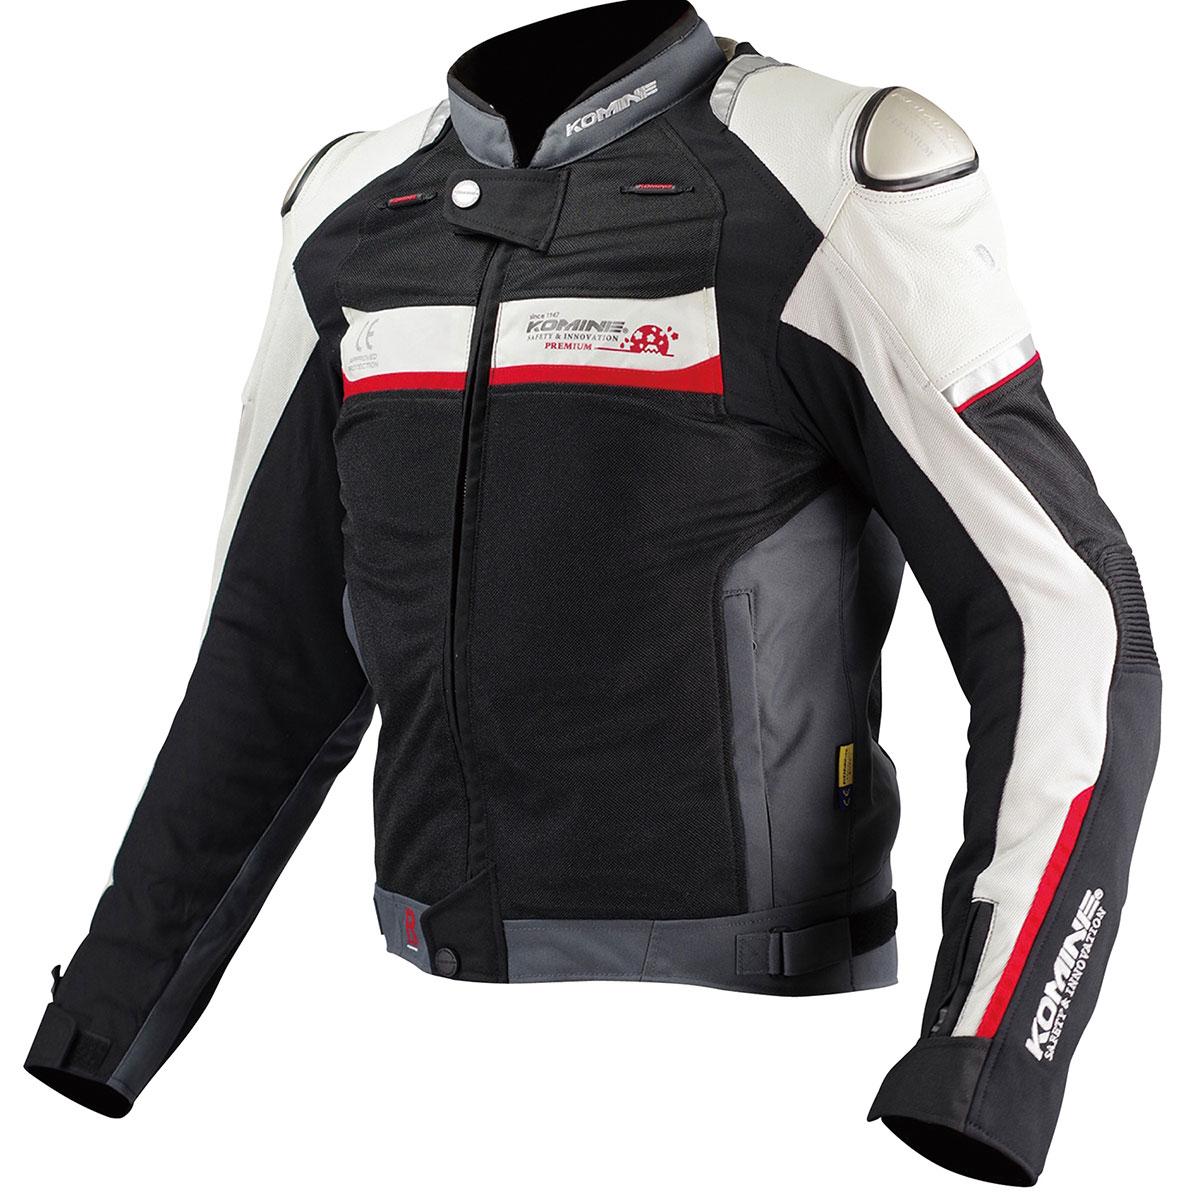 コミネ (Komine) バイク用 ジャケット Jacket JJ-001 チタニウムメッシュジャケット ブラック シルバー 黒 銀 XLサイズ 00-001/BK/SL/XL